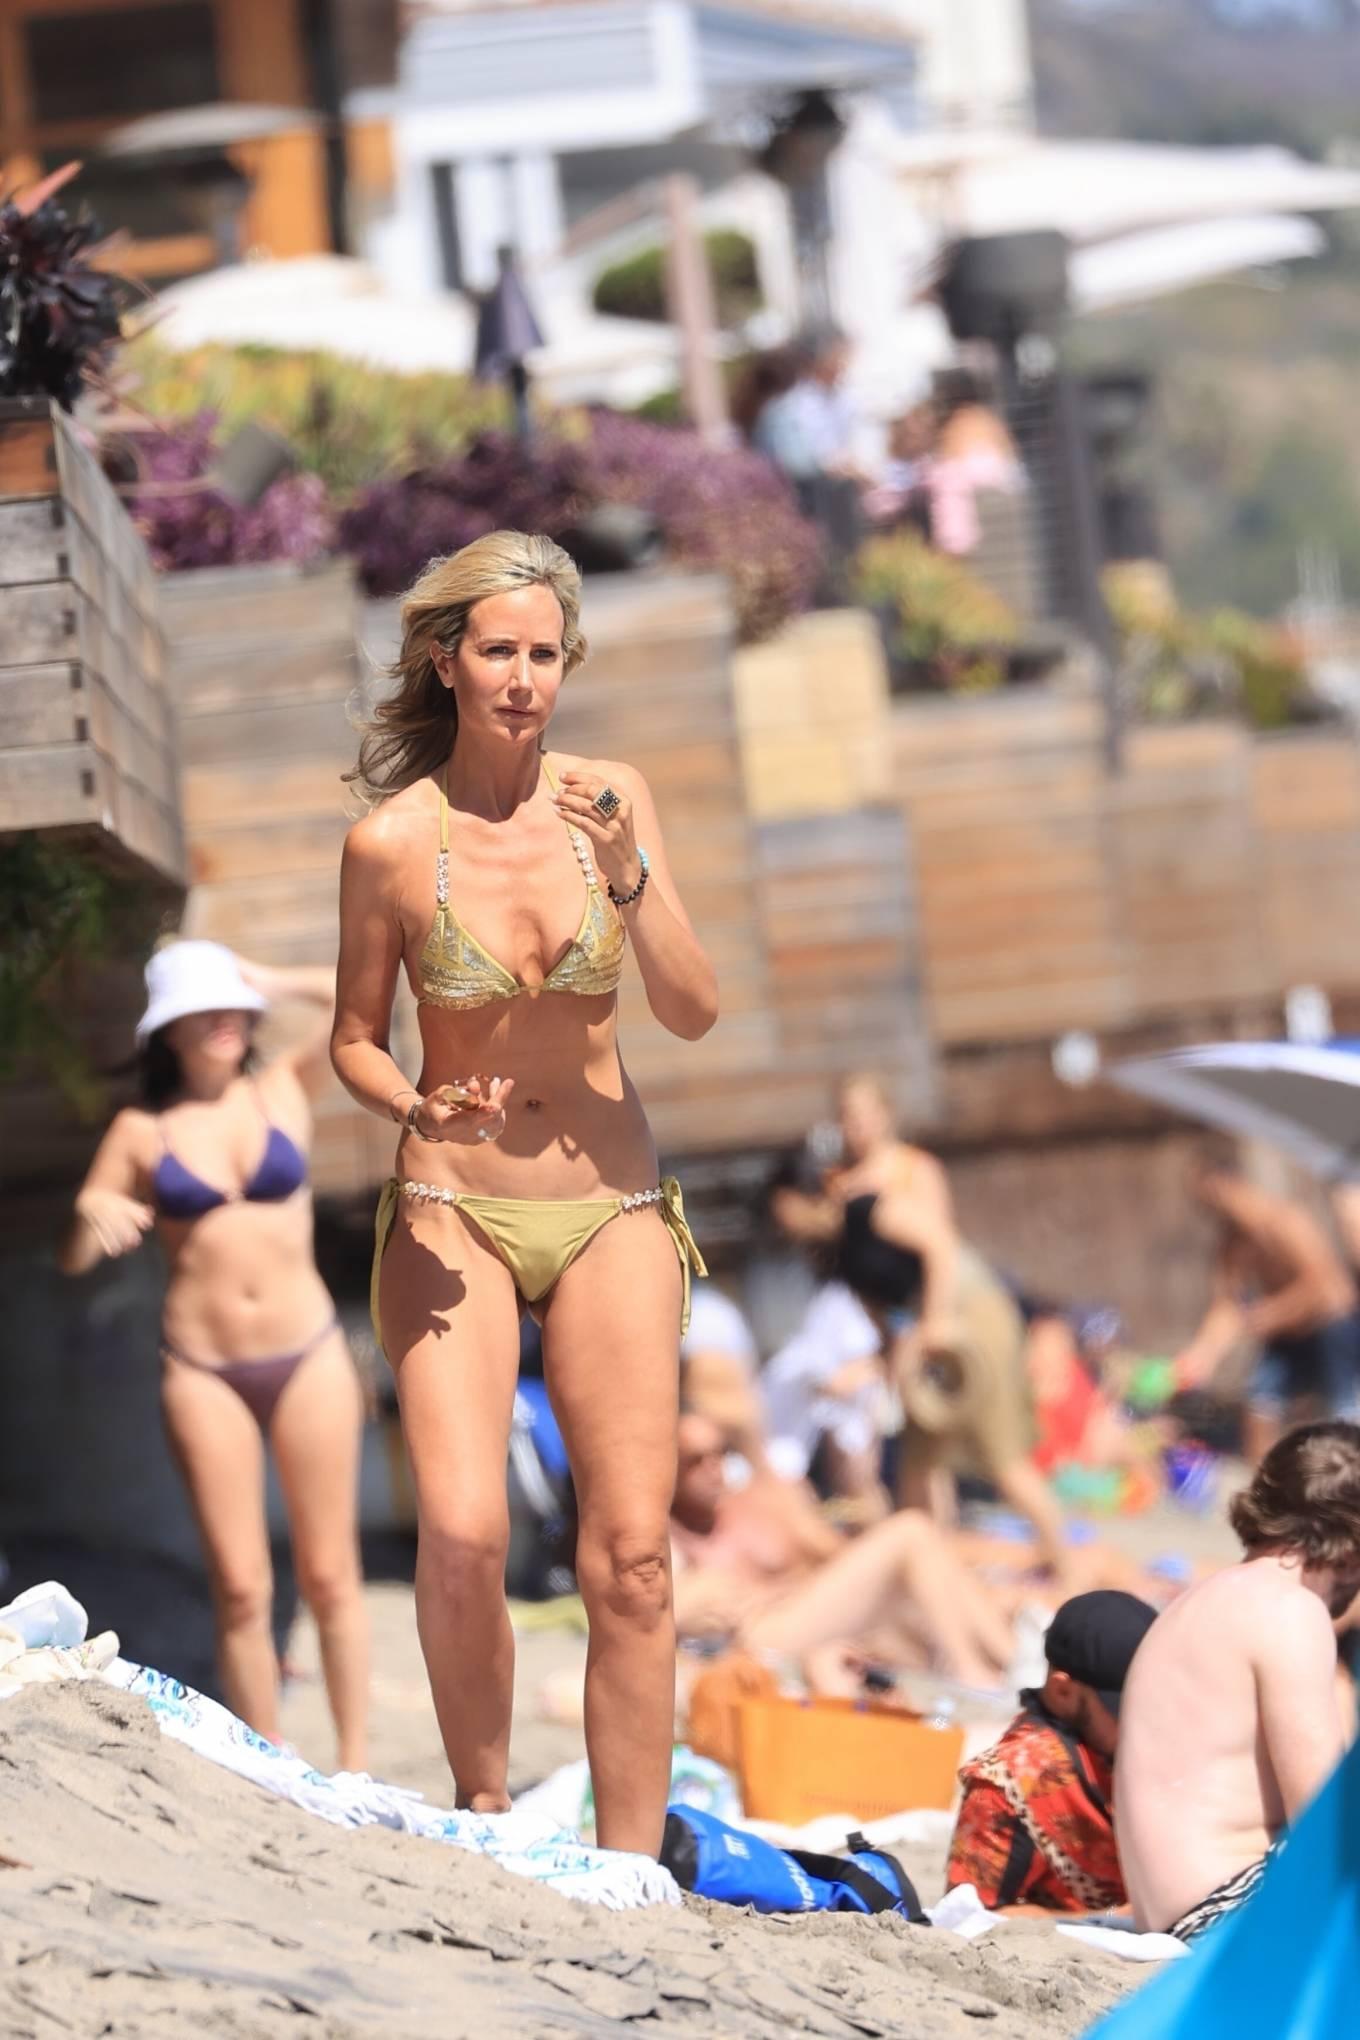 Lady Victoria Hervey 2021 : Lady Victoria Hervey – Bikini candids in Malibu-24